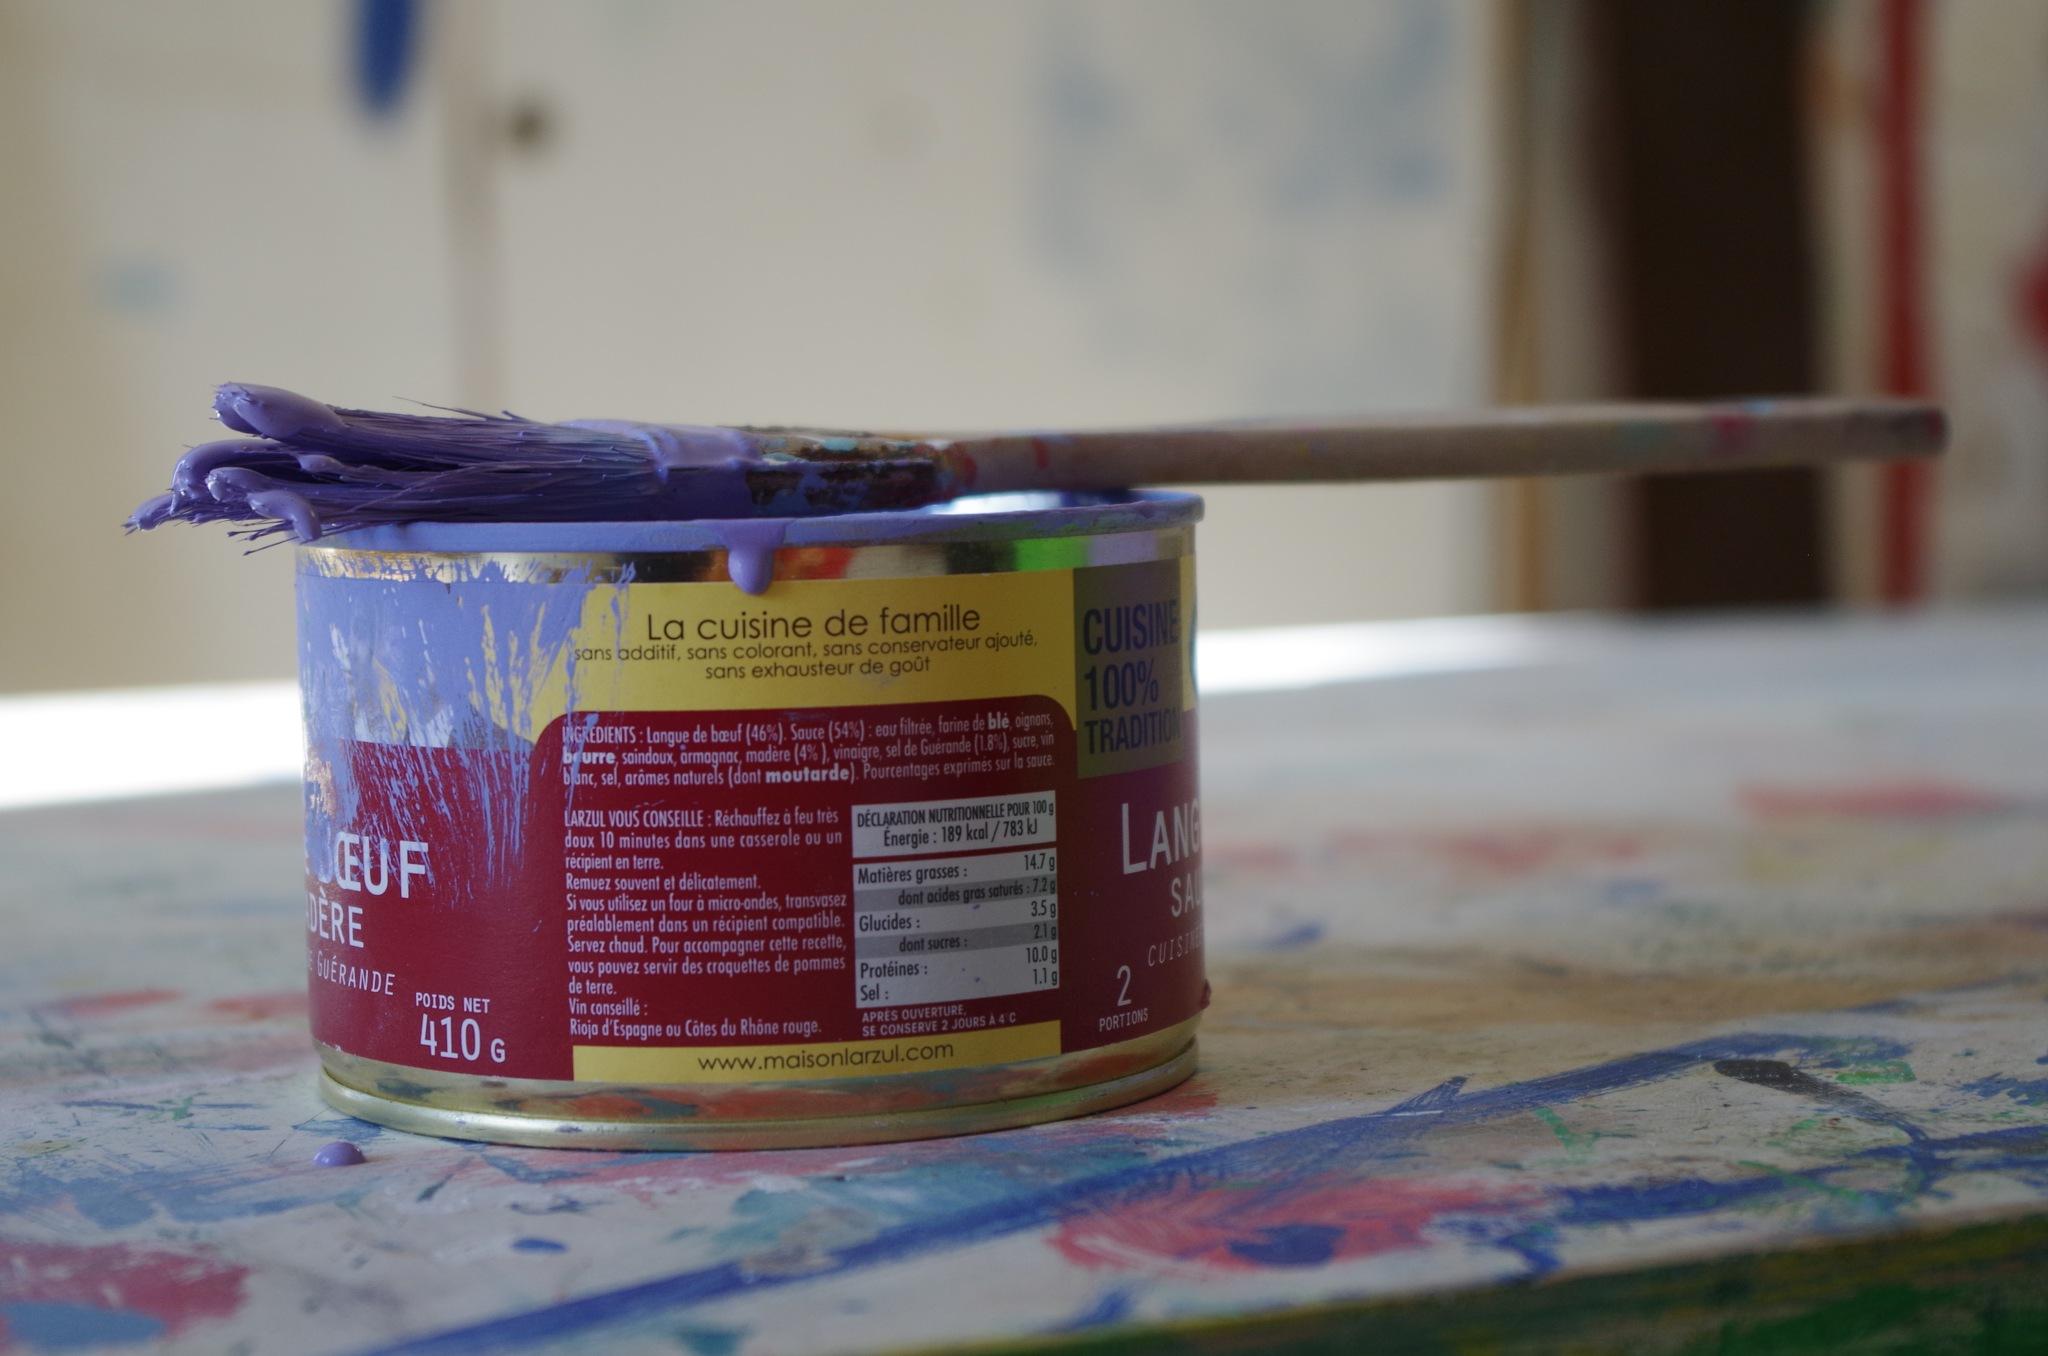 Peinture l outils en main by Plume photo